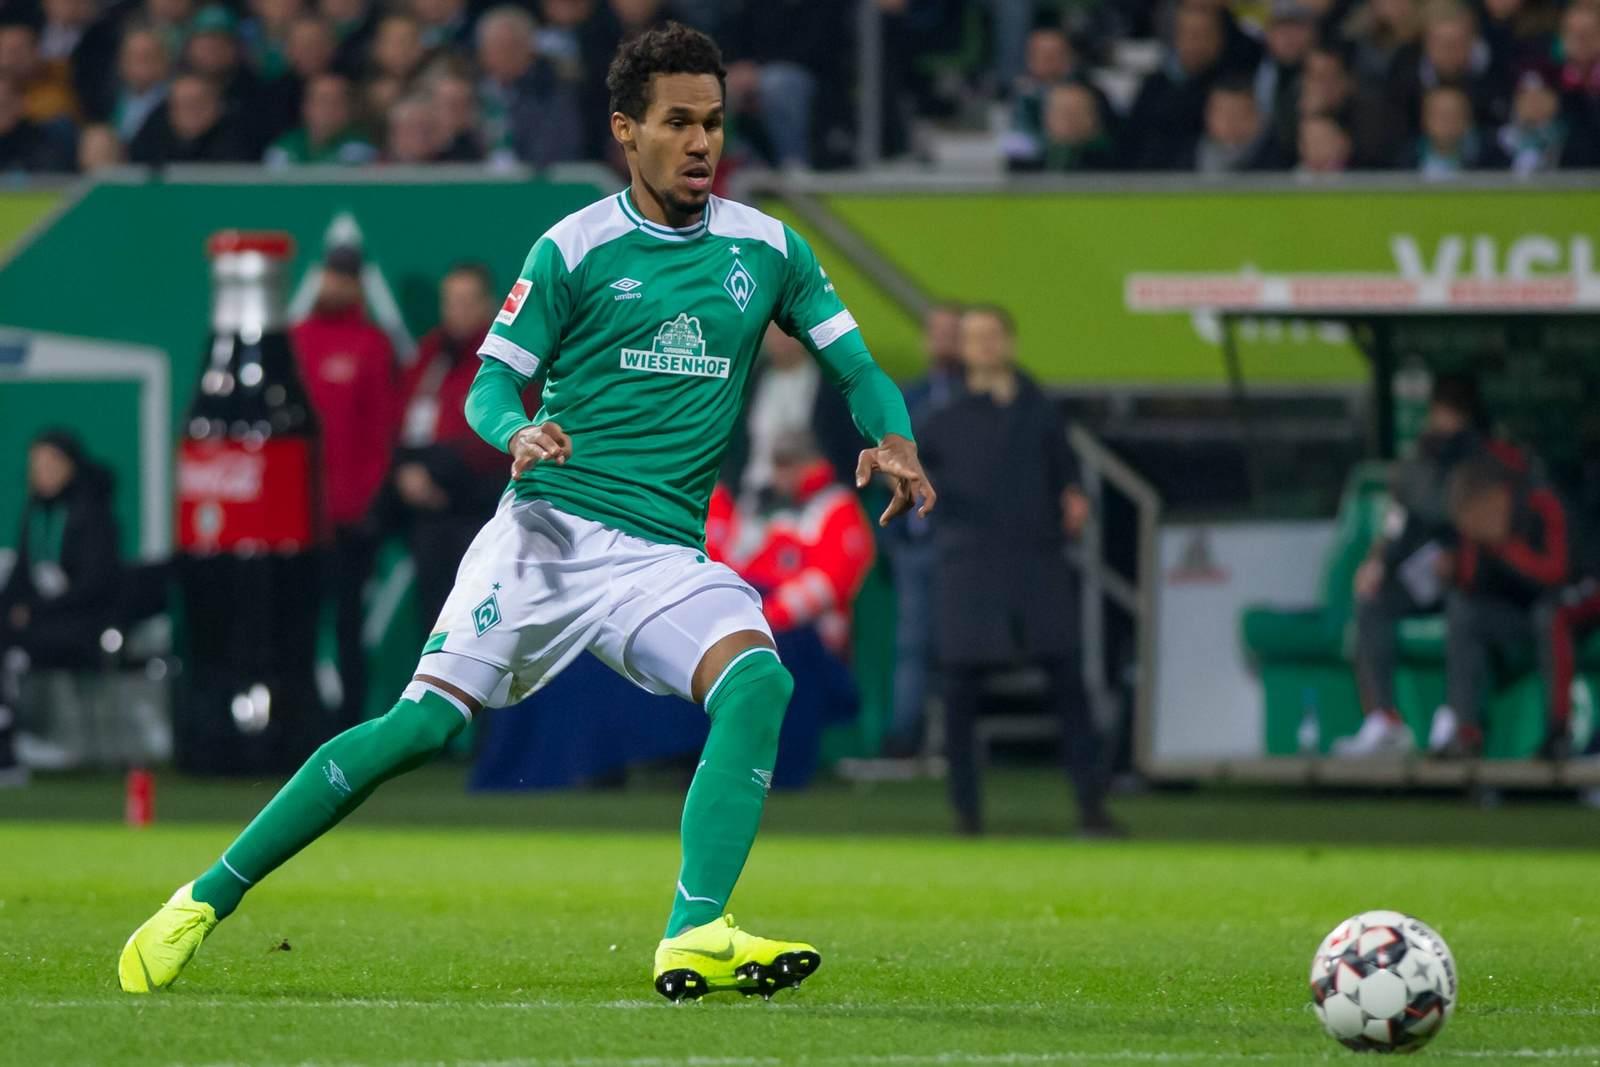 Theodor Gebre Selassie am Ball für Werder Bremen. Jetzt auf die Partie Werder Bremen gegen Fortuna Düsseldorf wetten